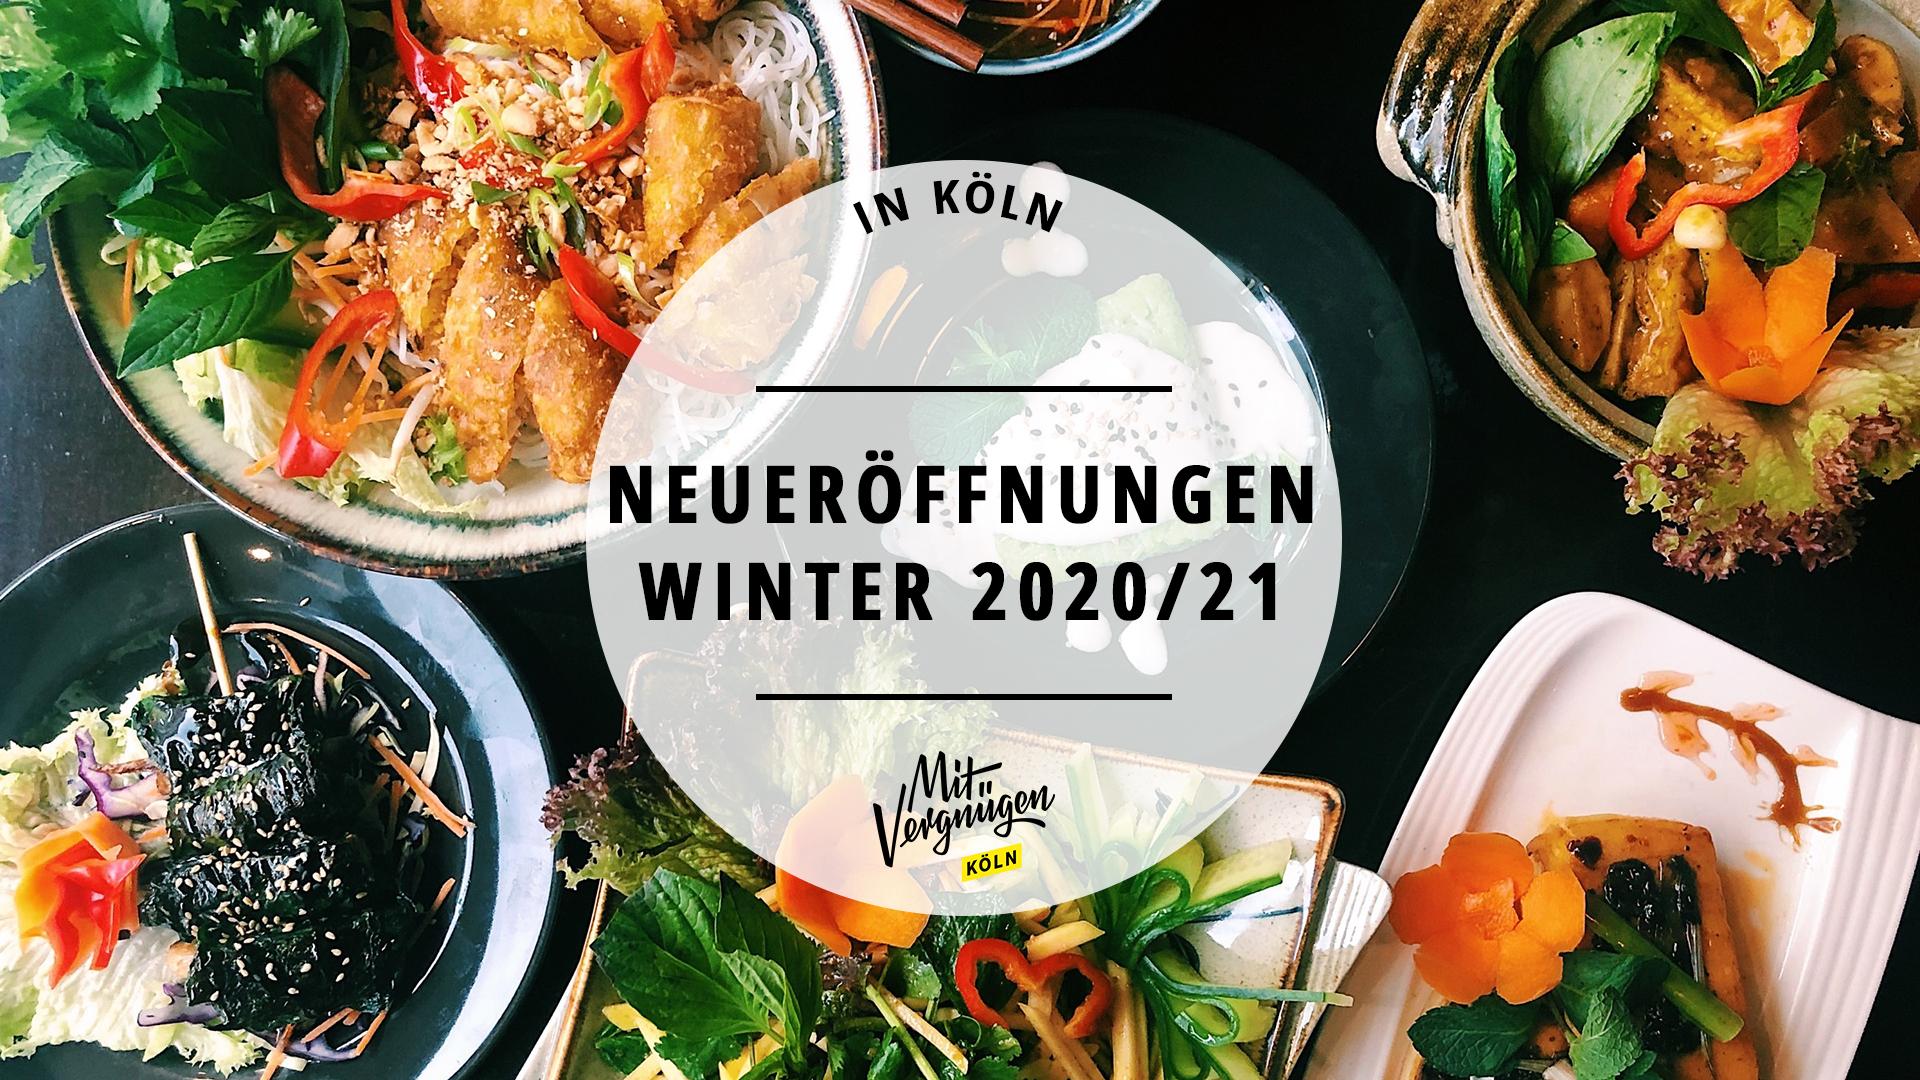 Restaurants In Köln Die Heiligabend Geöffnet Haben